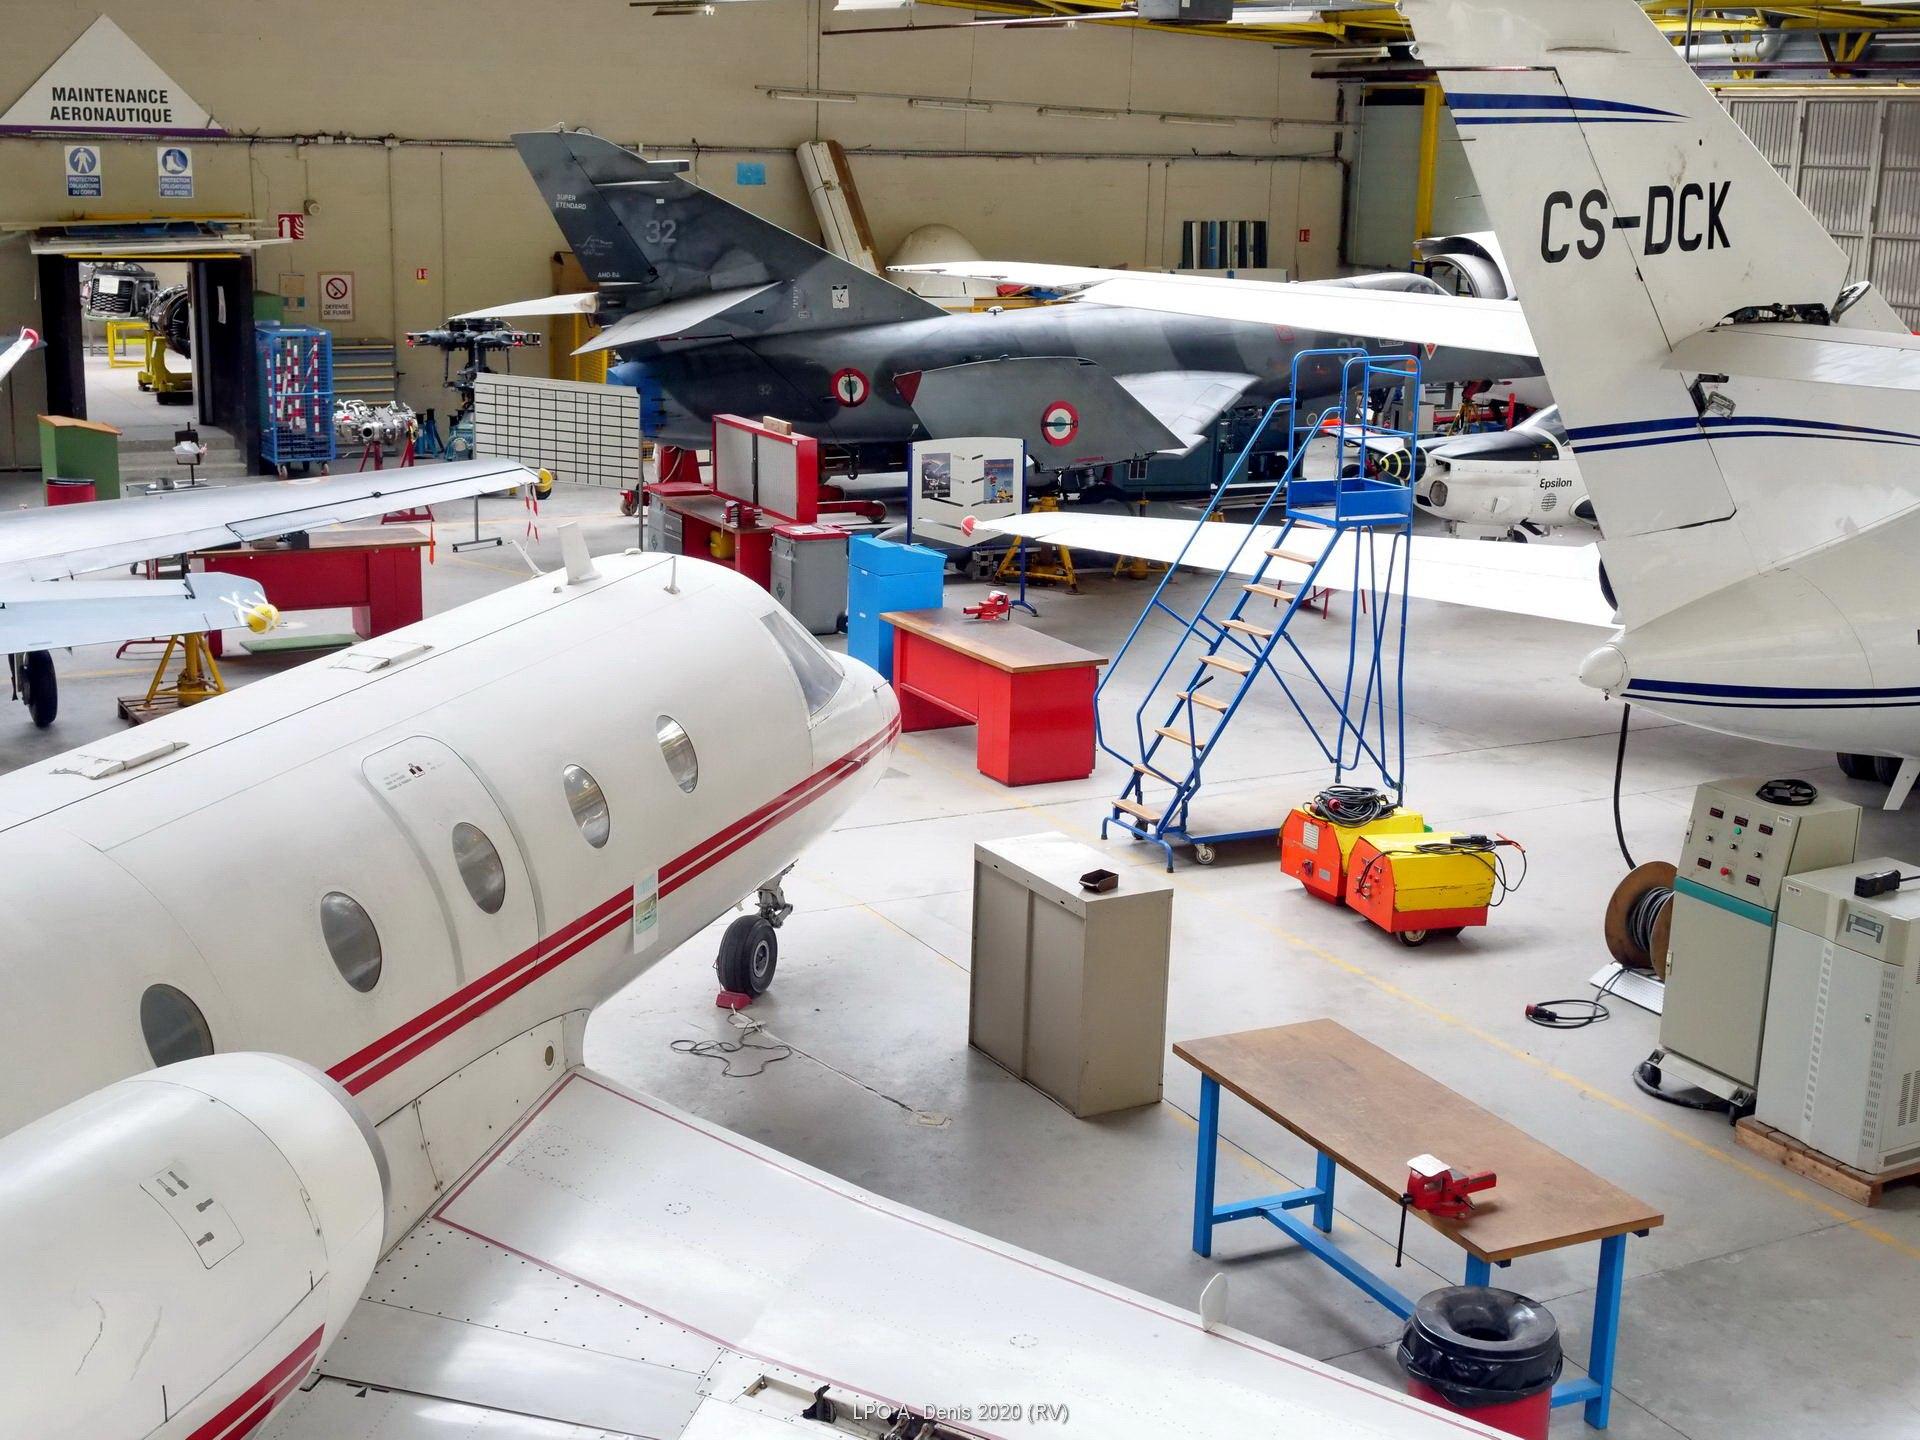 hangar maintenance aéronautique vu depuis la passerelle